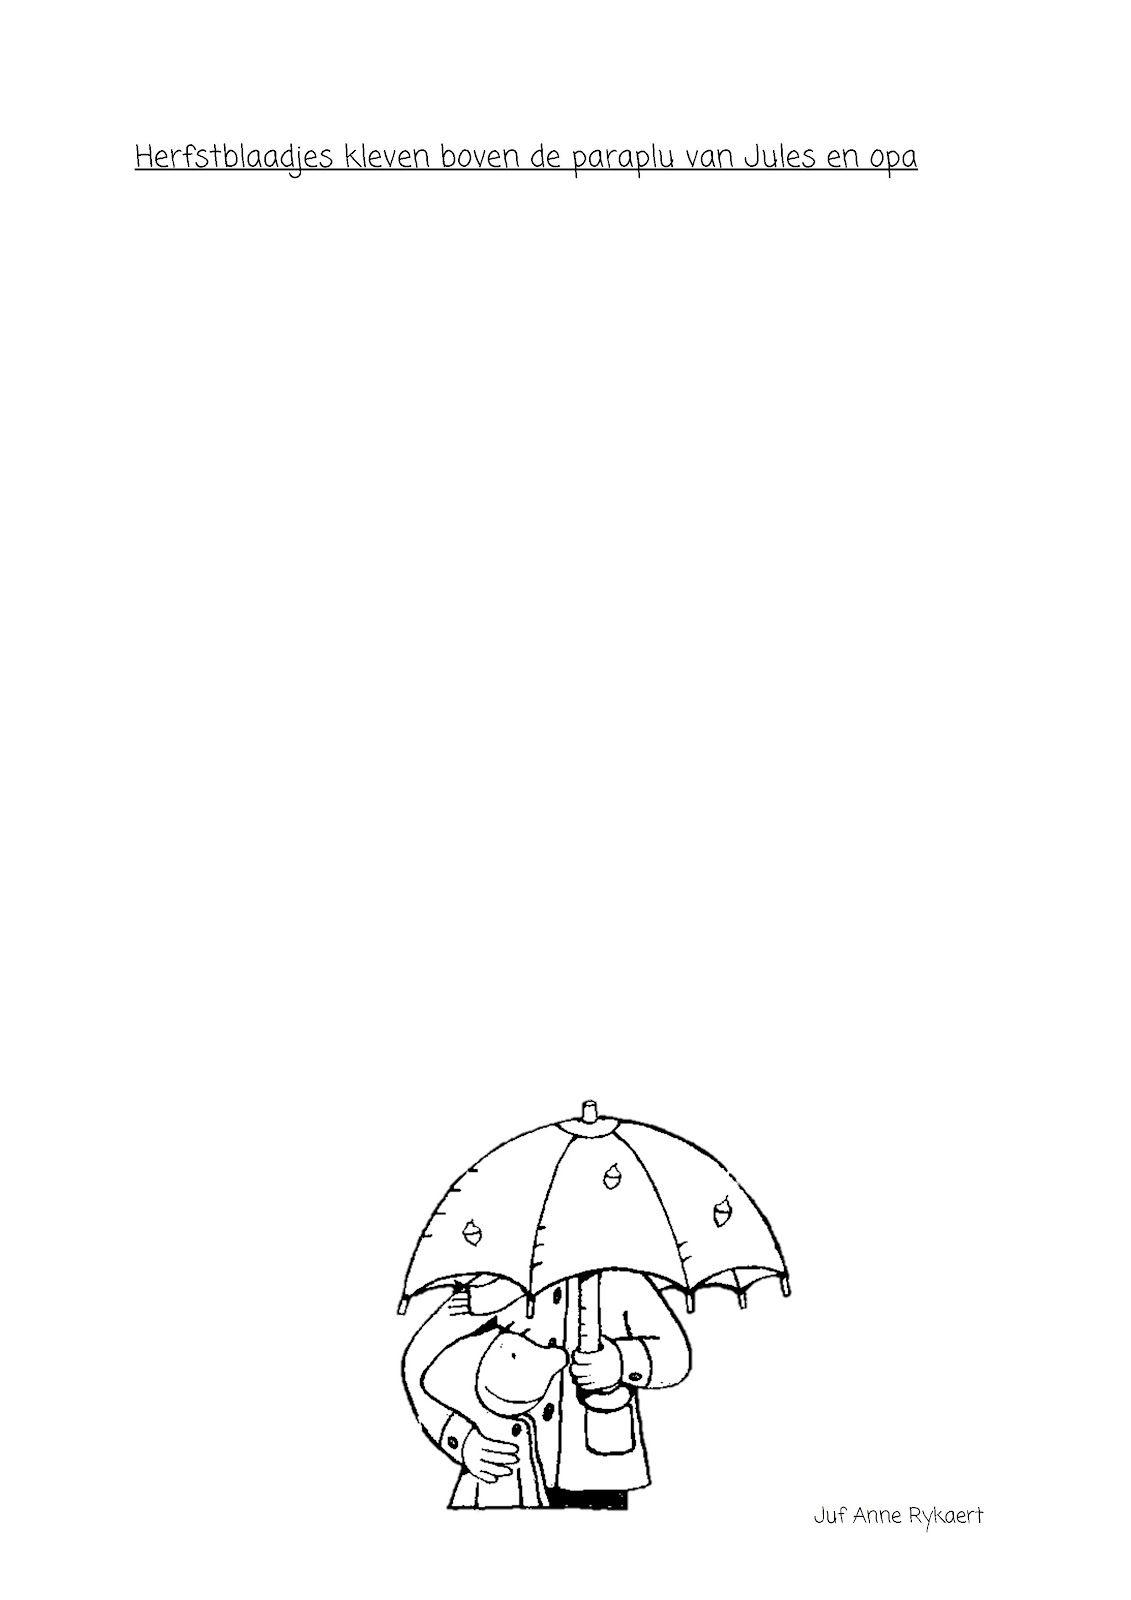 Herfstblaadjes kleven boven de paraplu van Jules en opa | Herfst ...